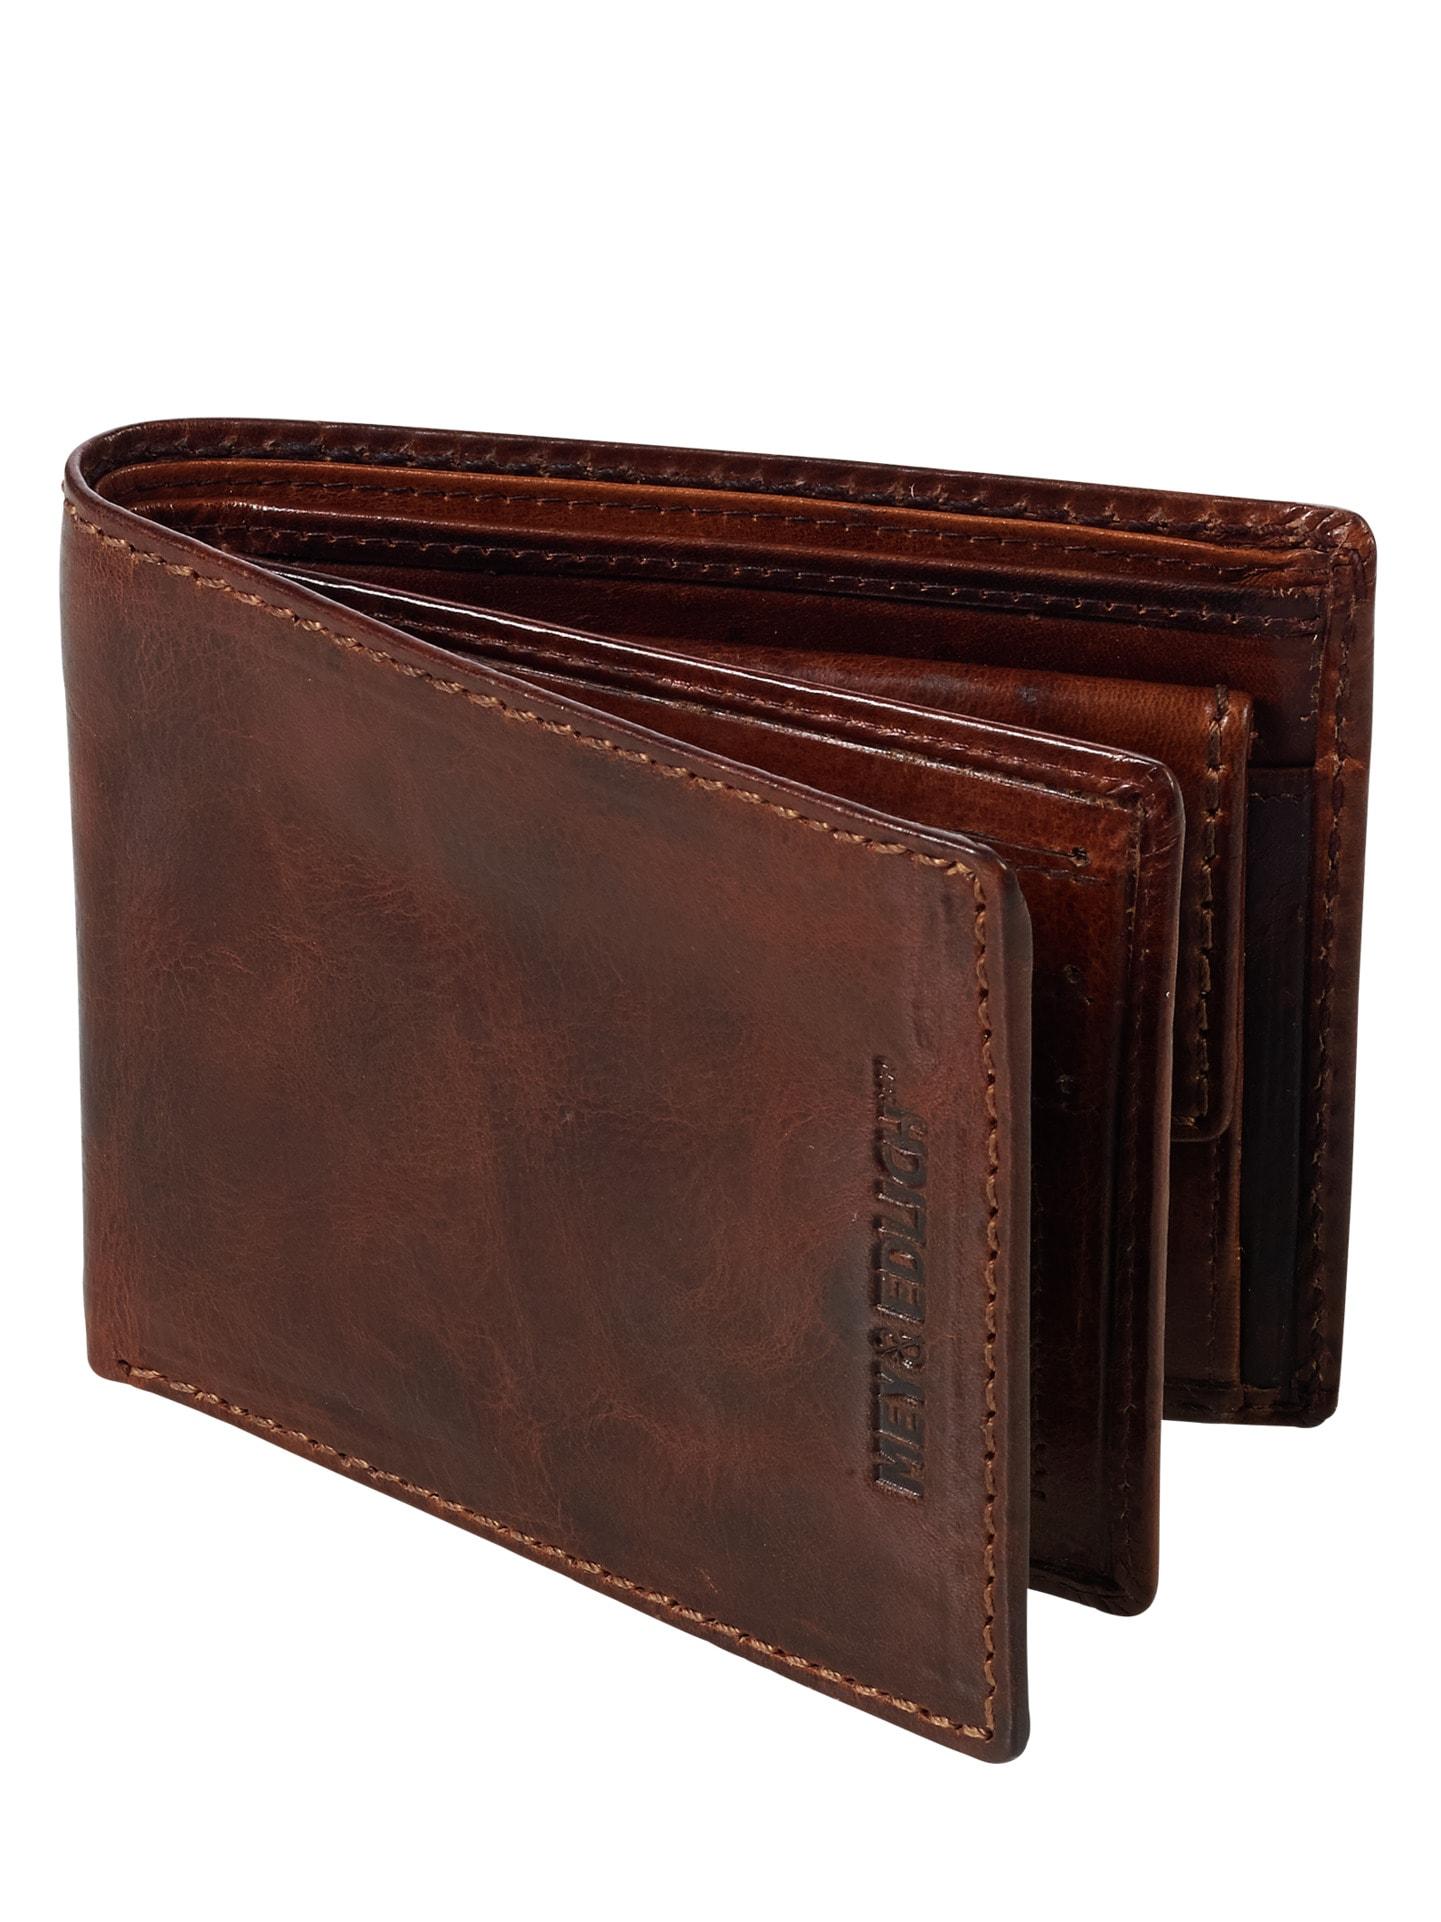 1551a4e12b571 Sattler-Portemonnaie Braun von Mey   Edlich - jetzt online kaufen